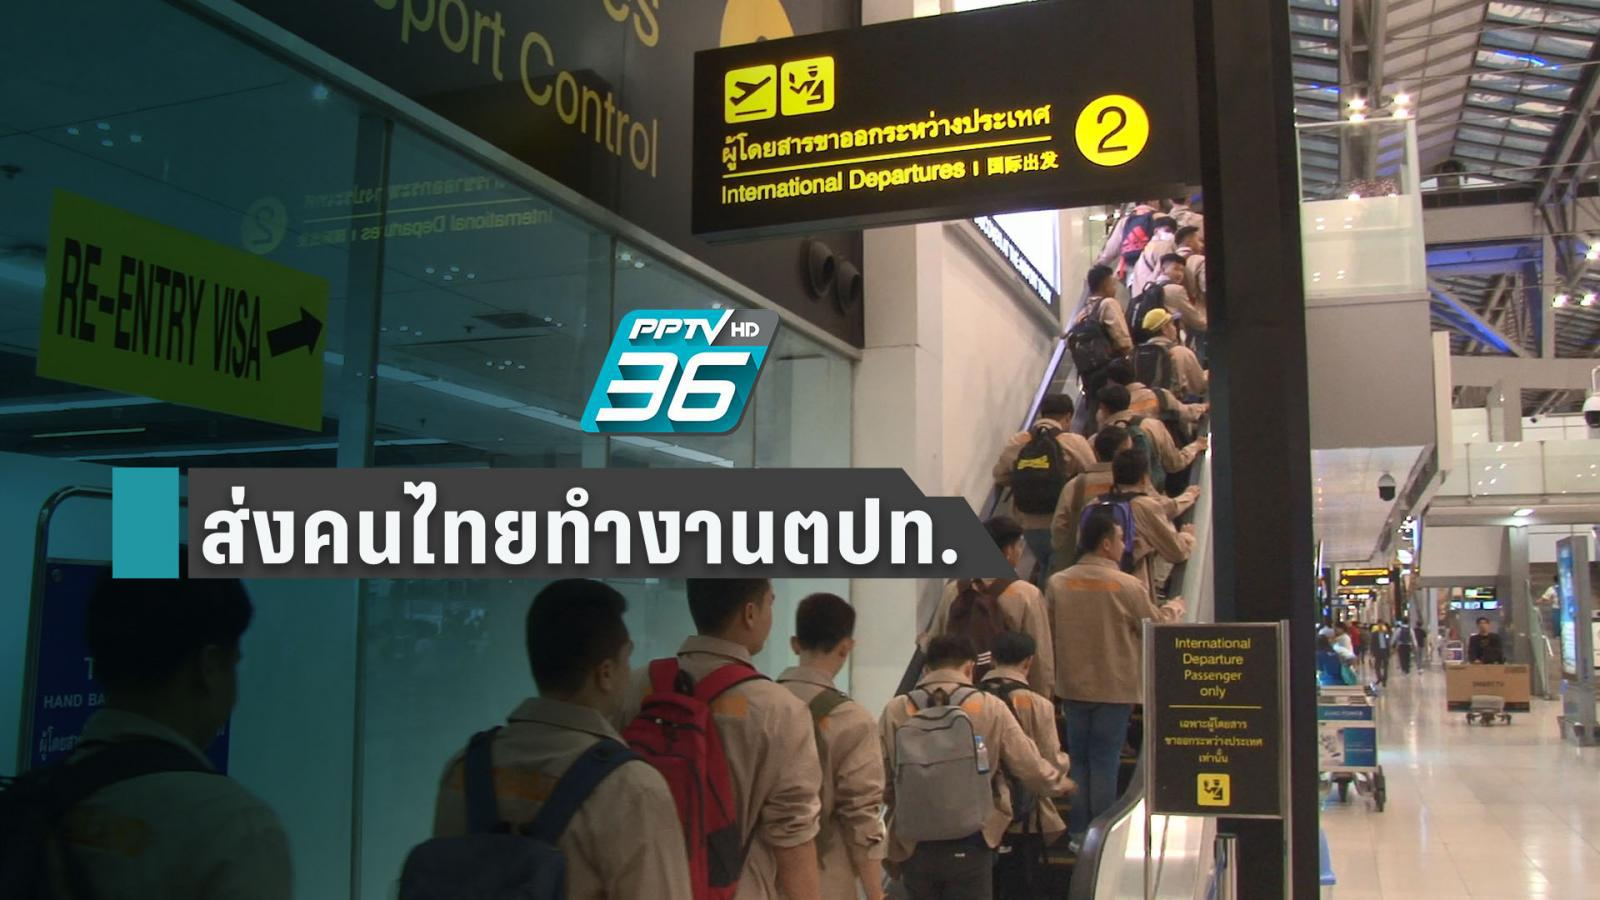 ก.แรงงานย้ำมีงานรองรับเพียบ! ล่าสุดส่งคนไทยทำงานตปท.ถูกกฎหมาย